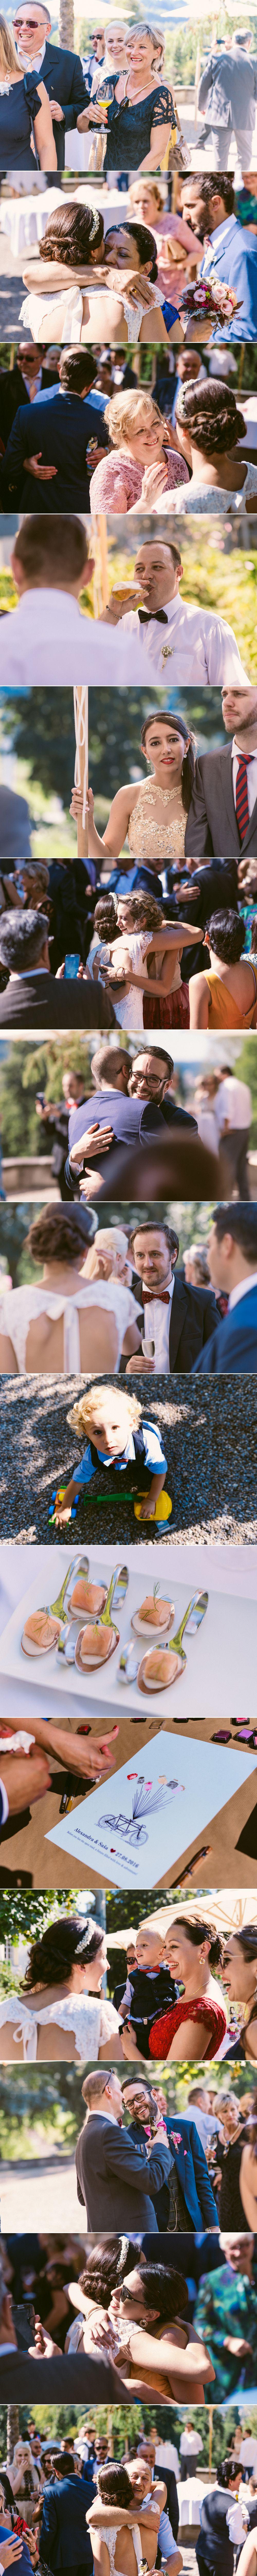 Hochzeit im Bocken, Horge